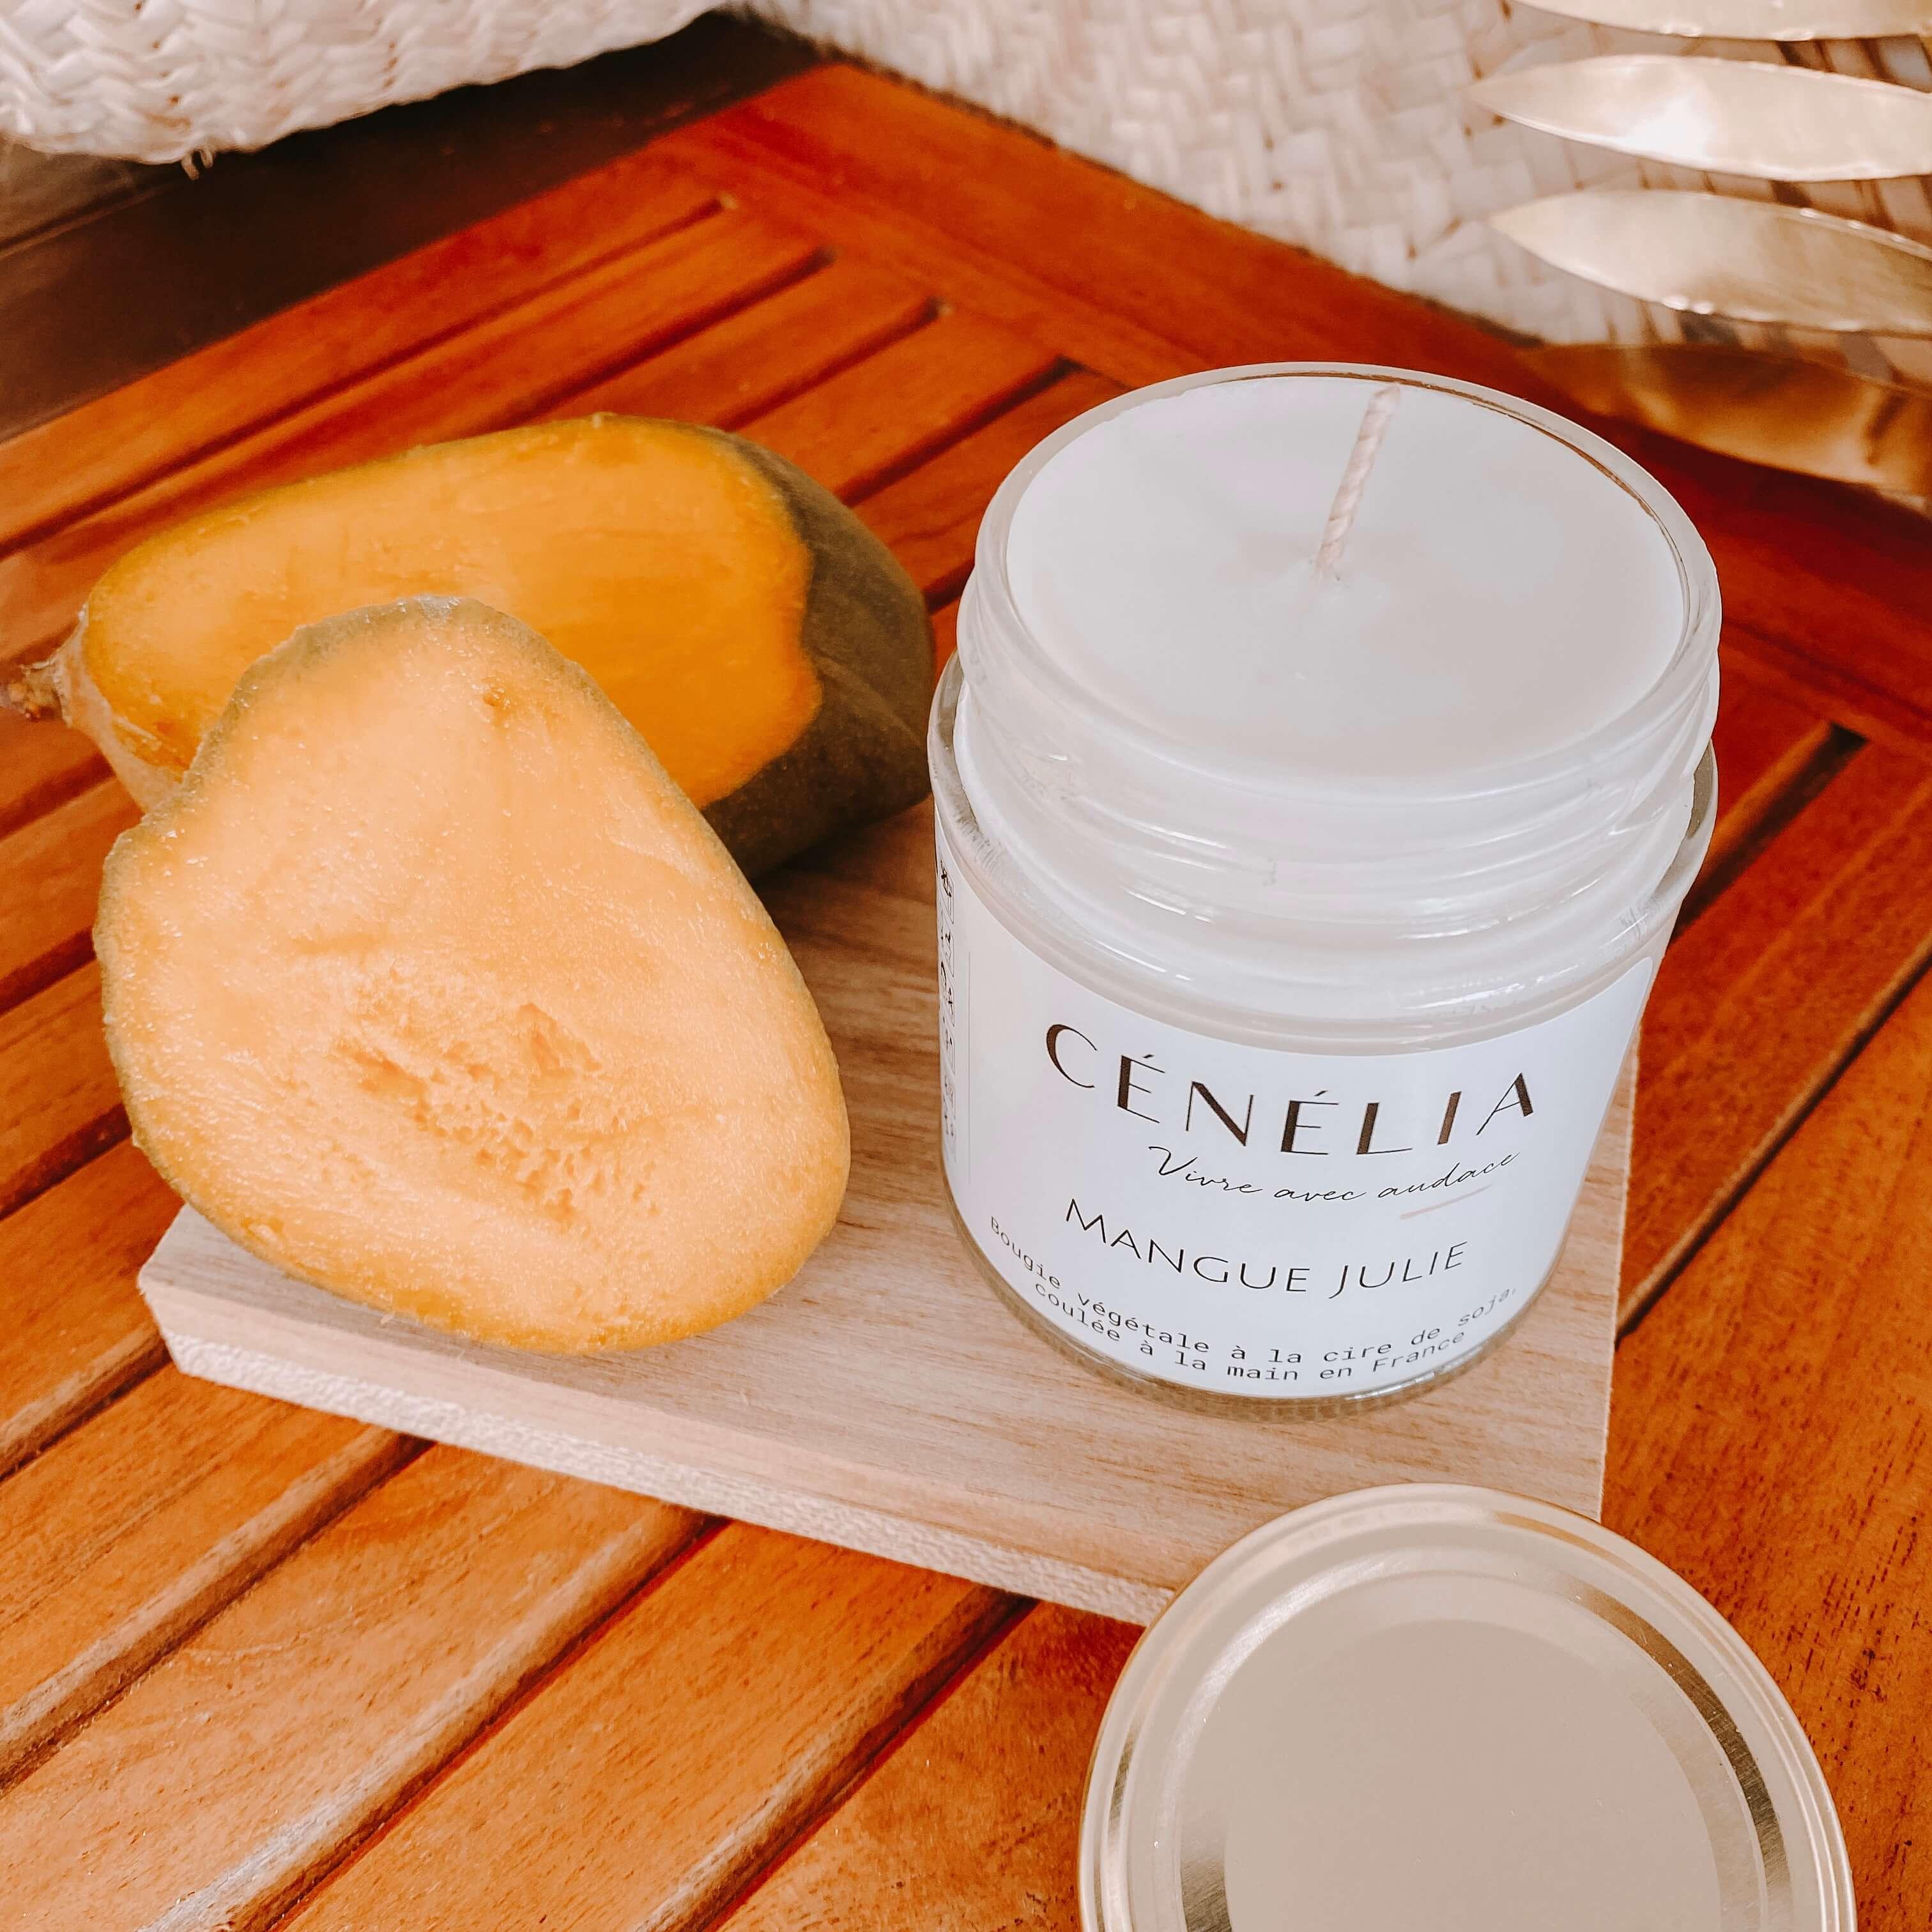 bougie à la mangue - Cénélia